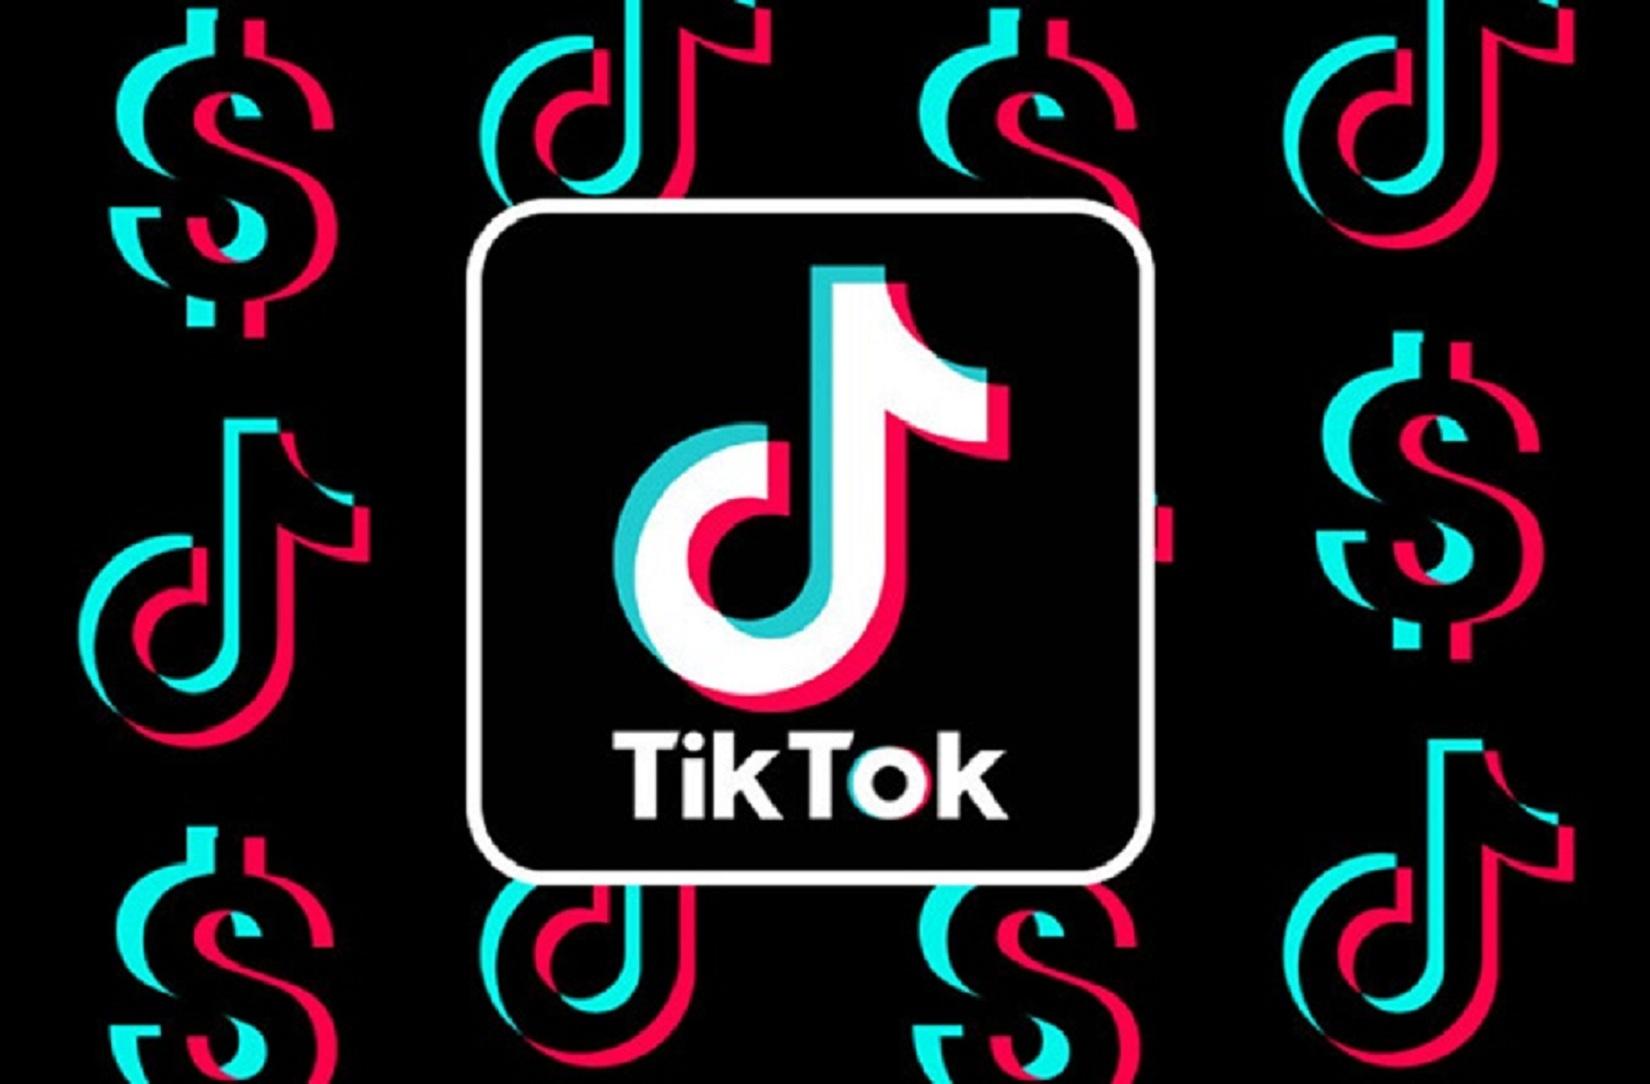 Владельцам TikTok запрещено иметь активы в США